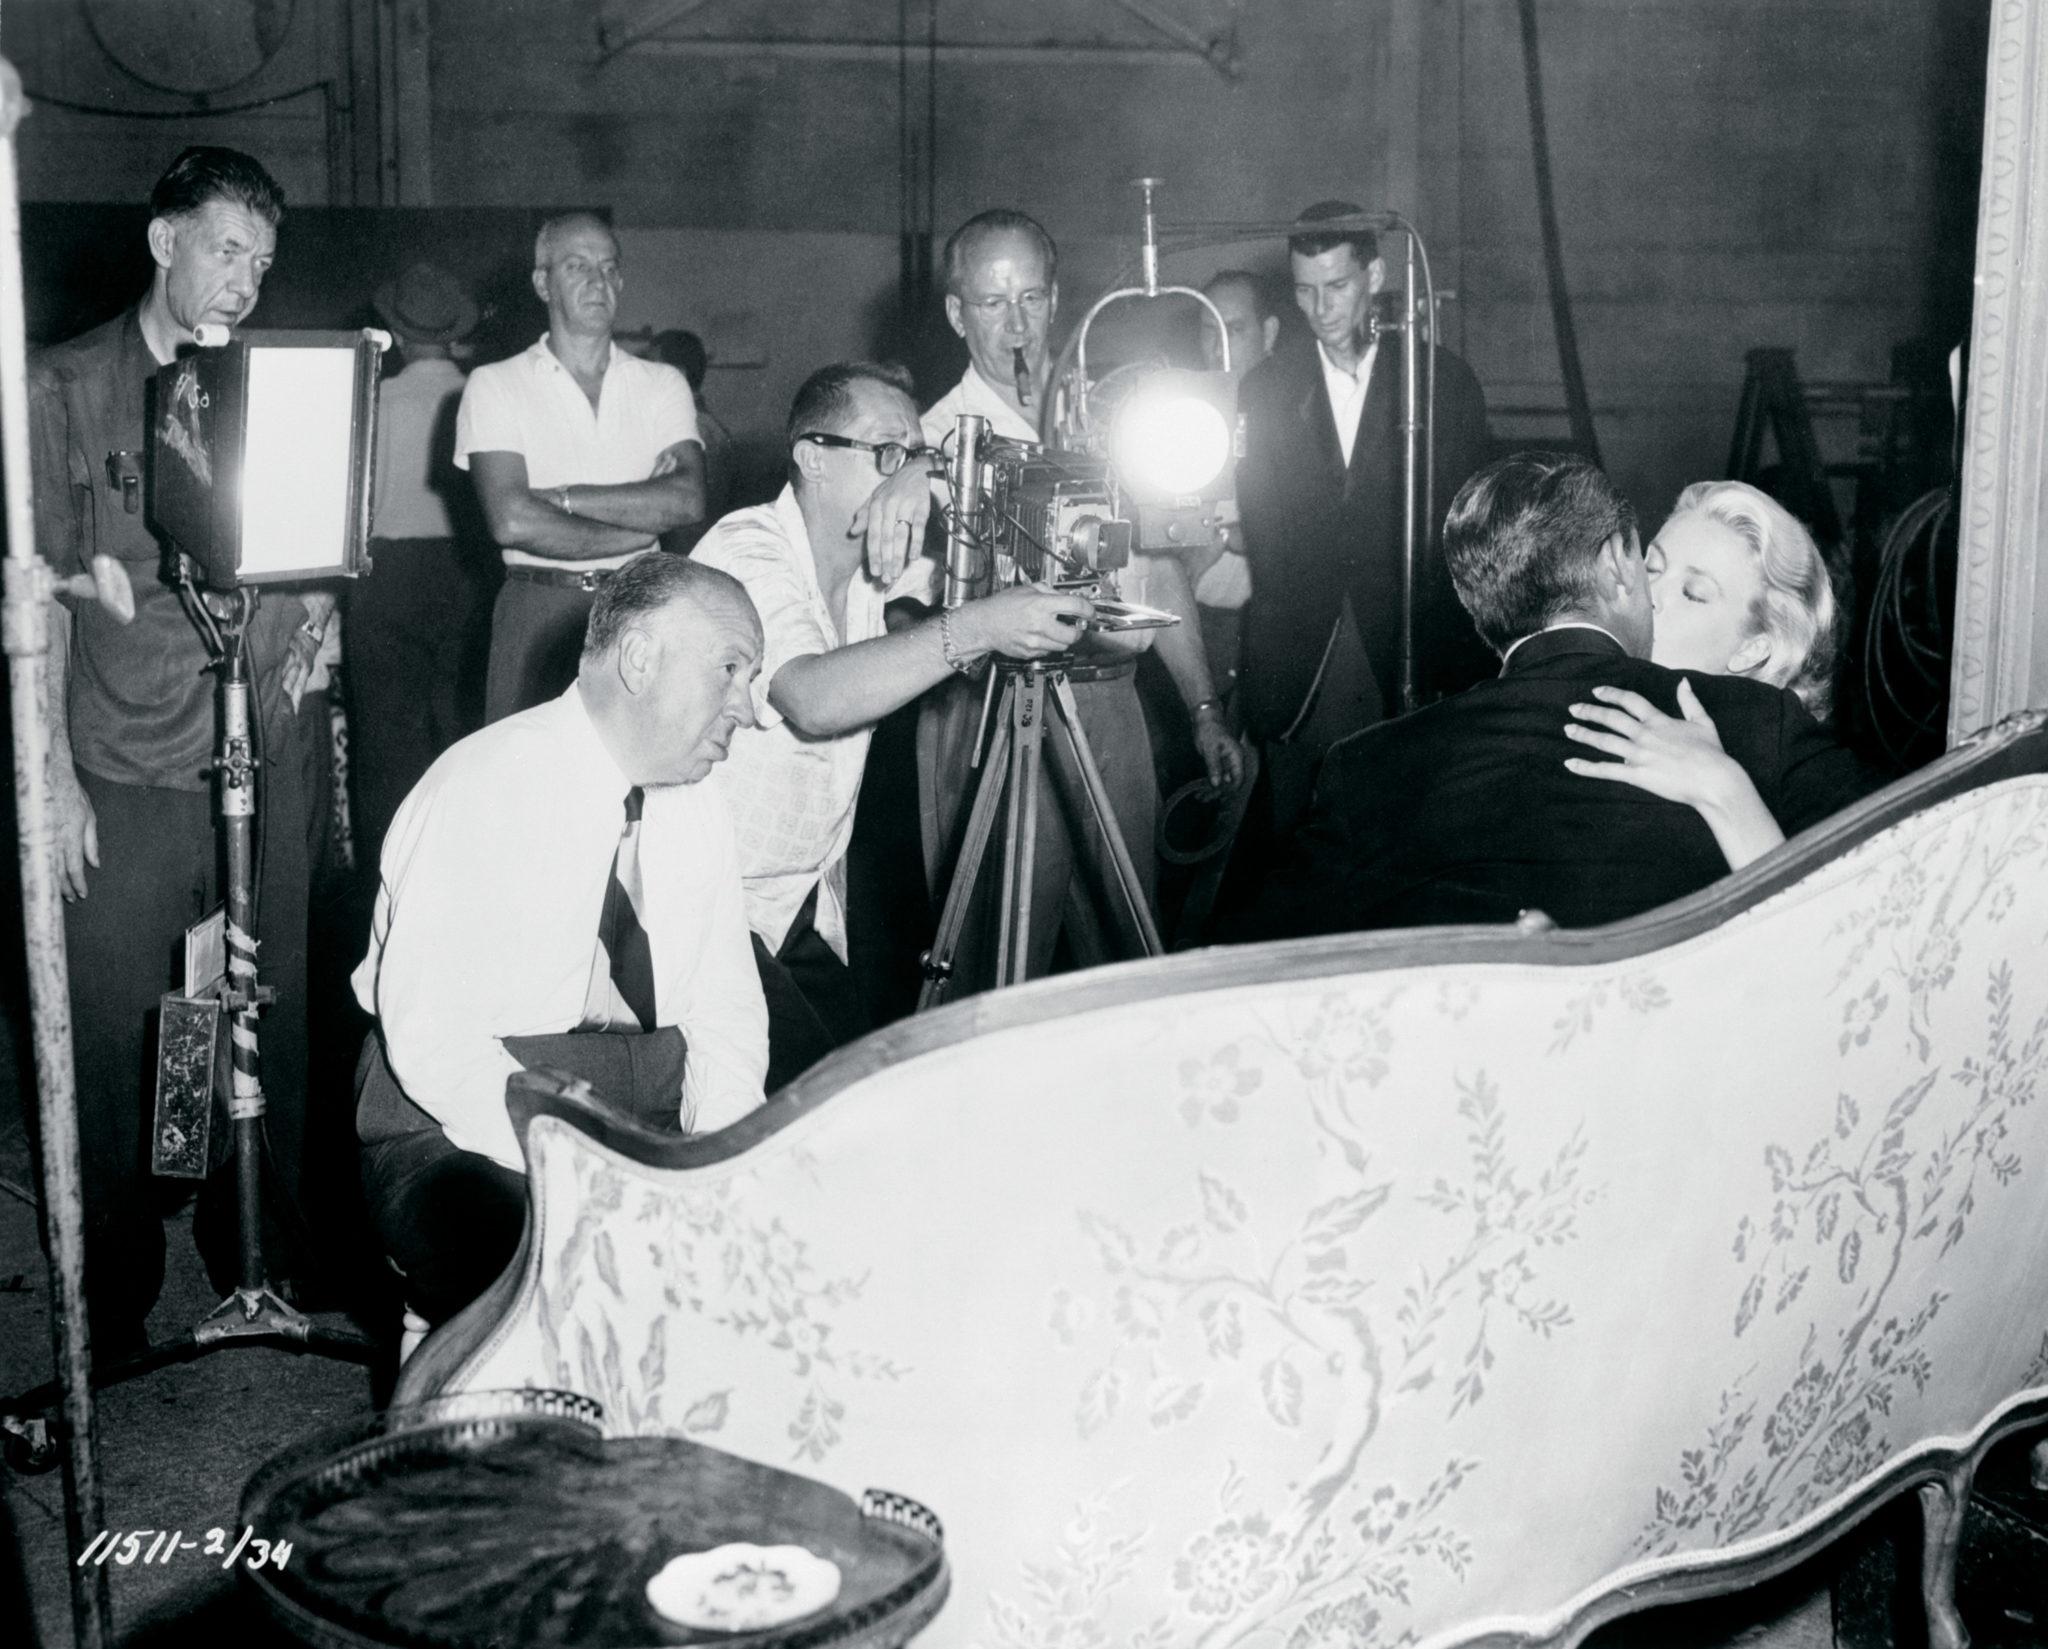 In einem schwarzweißen Behind-the-Scenes-Foto von Über den Dächern von Nizza sehen wir Regisseur Alfred Hitchcock und Kameramann Robert Burks zusammen mit weiteren Crew-Mitgliedern beim Dreh der Kuss-Szene zwischen Cary Grant und Kelly Grace im Hotel Carlton.